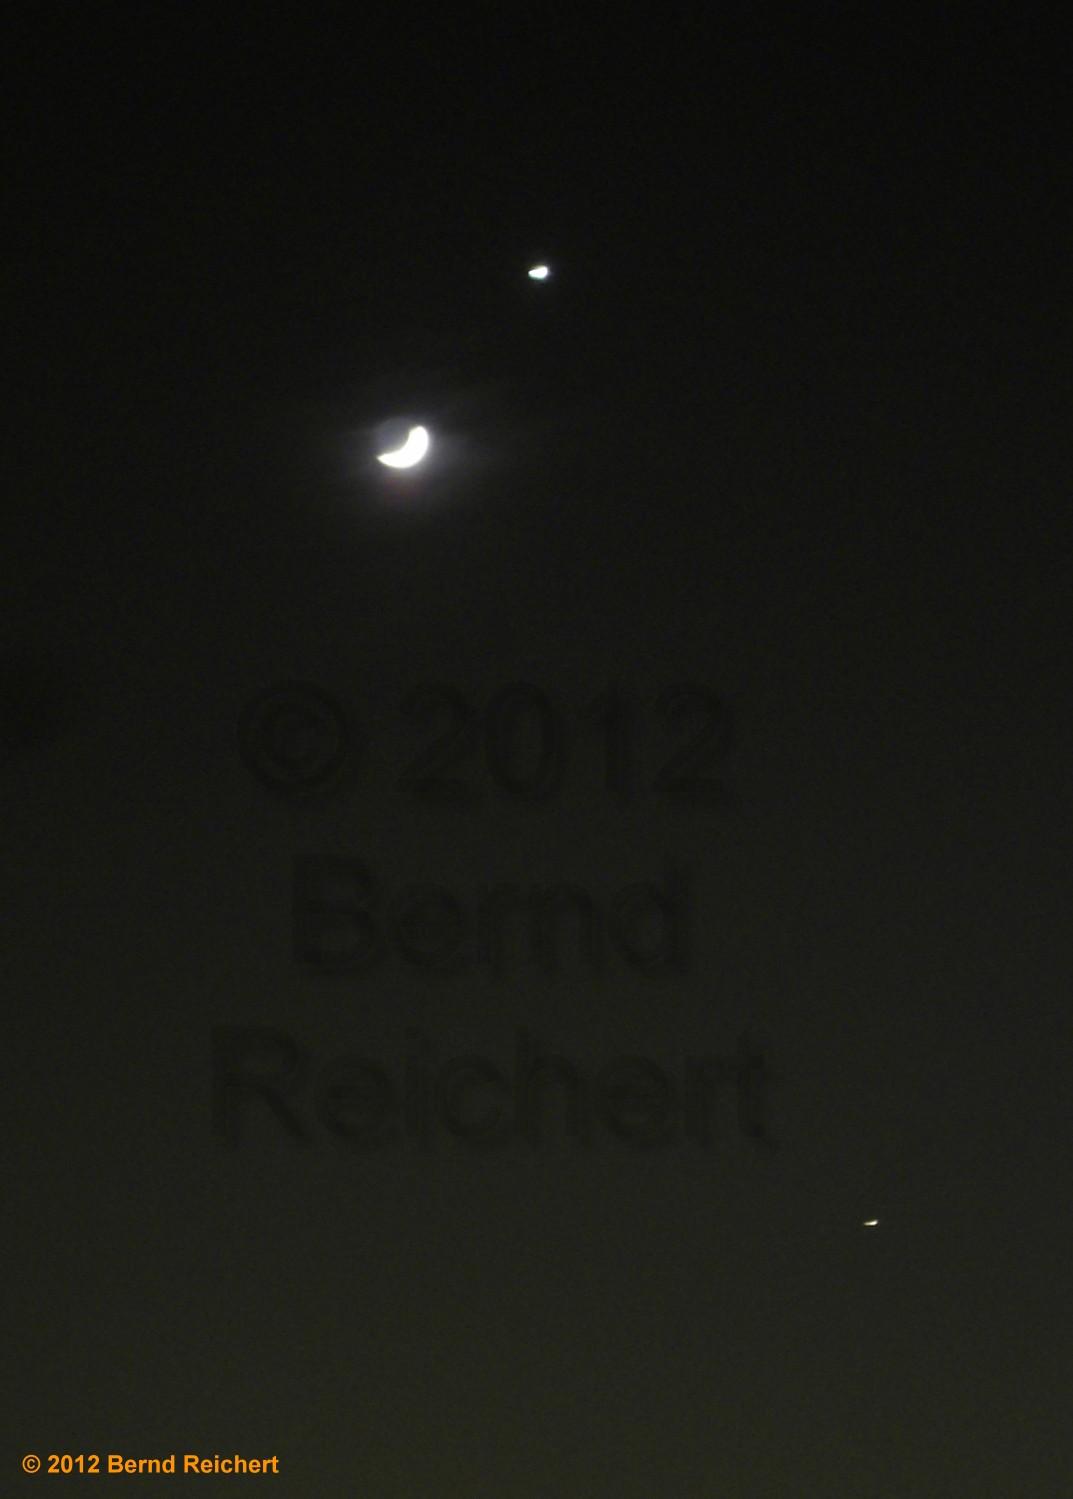 Mond, Venus und Jupiter am Himmel über Berlin, Blick Richtung Westen